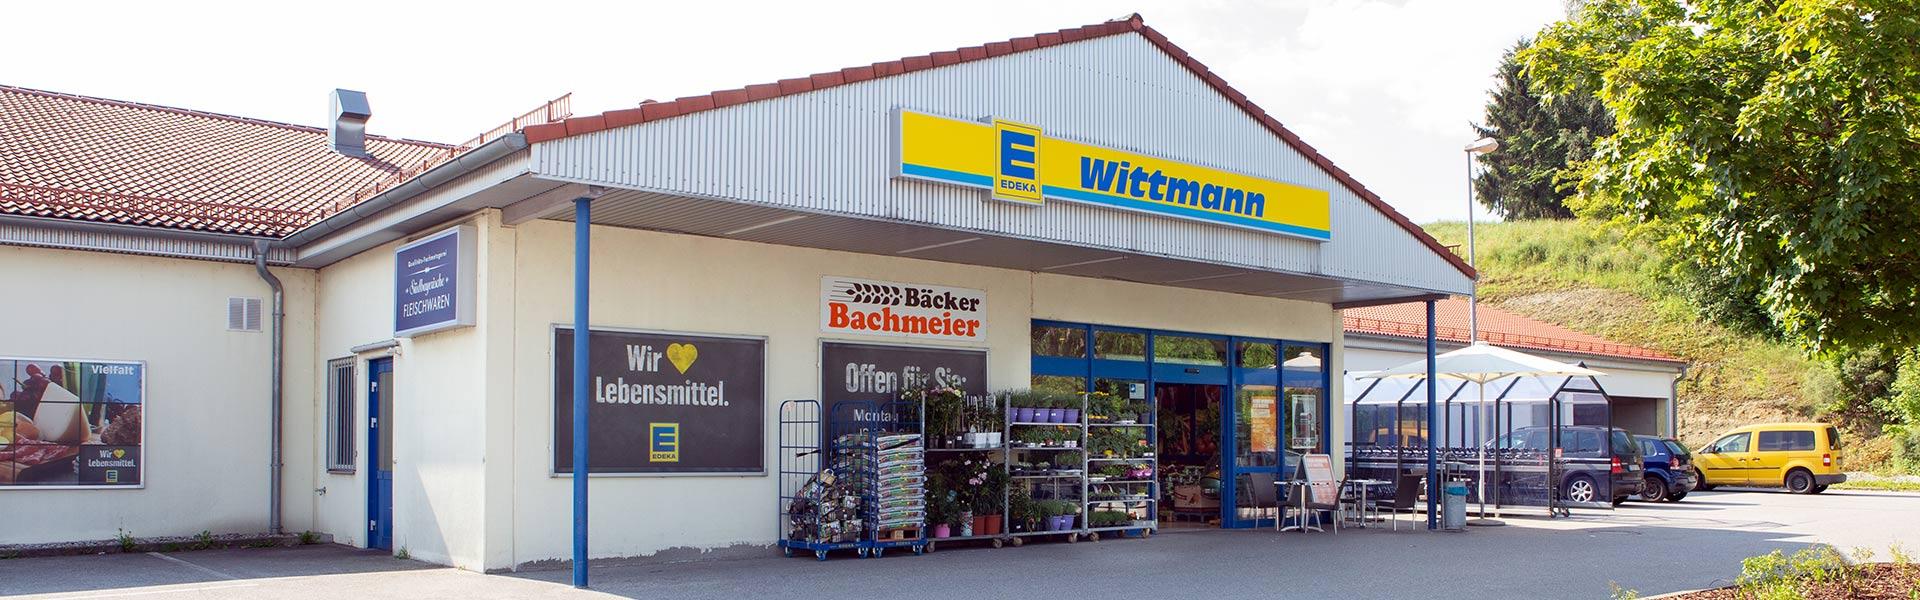 Ihr EDEKA-Markt in Buchbach